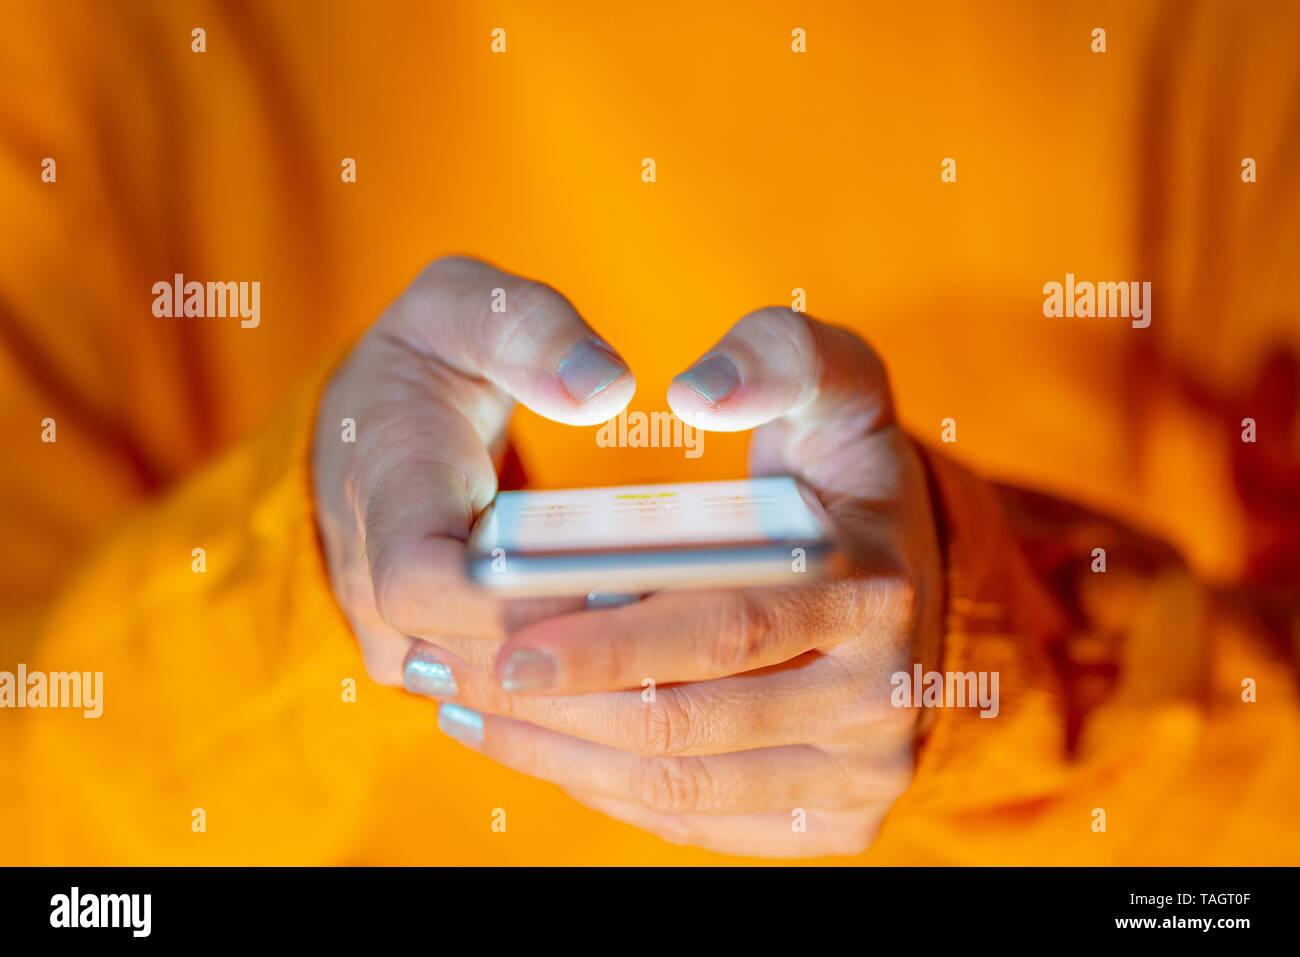 Le mani della donna giovane adolescente o invio di testo sui social media app in Internet e Mobile la dipendenza del fenomeno del cyber-bullismo Comunicazioni e tecnologia moderna Foto Stock